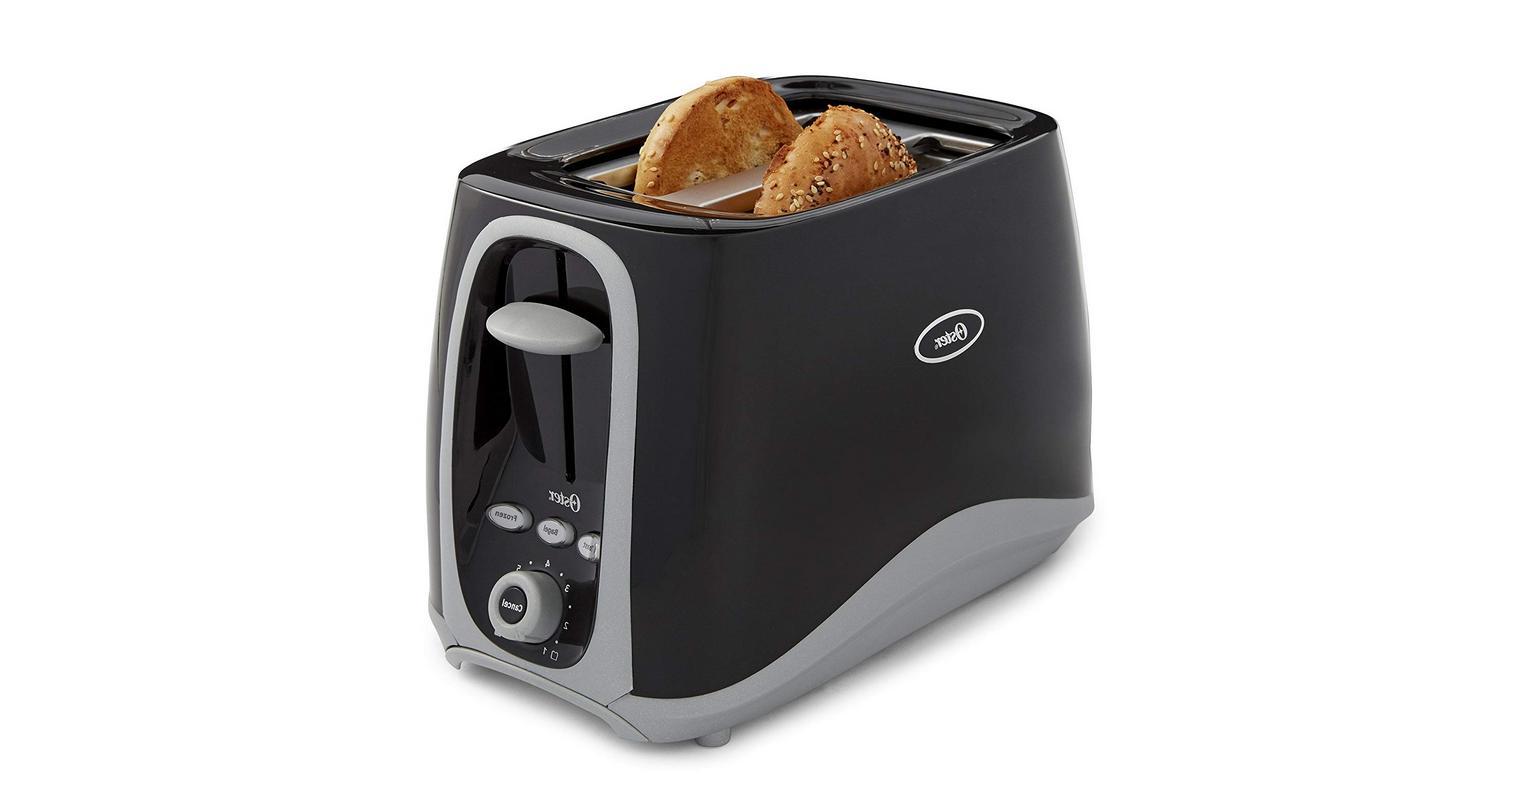 6332 2 slice toaster black